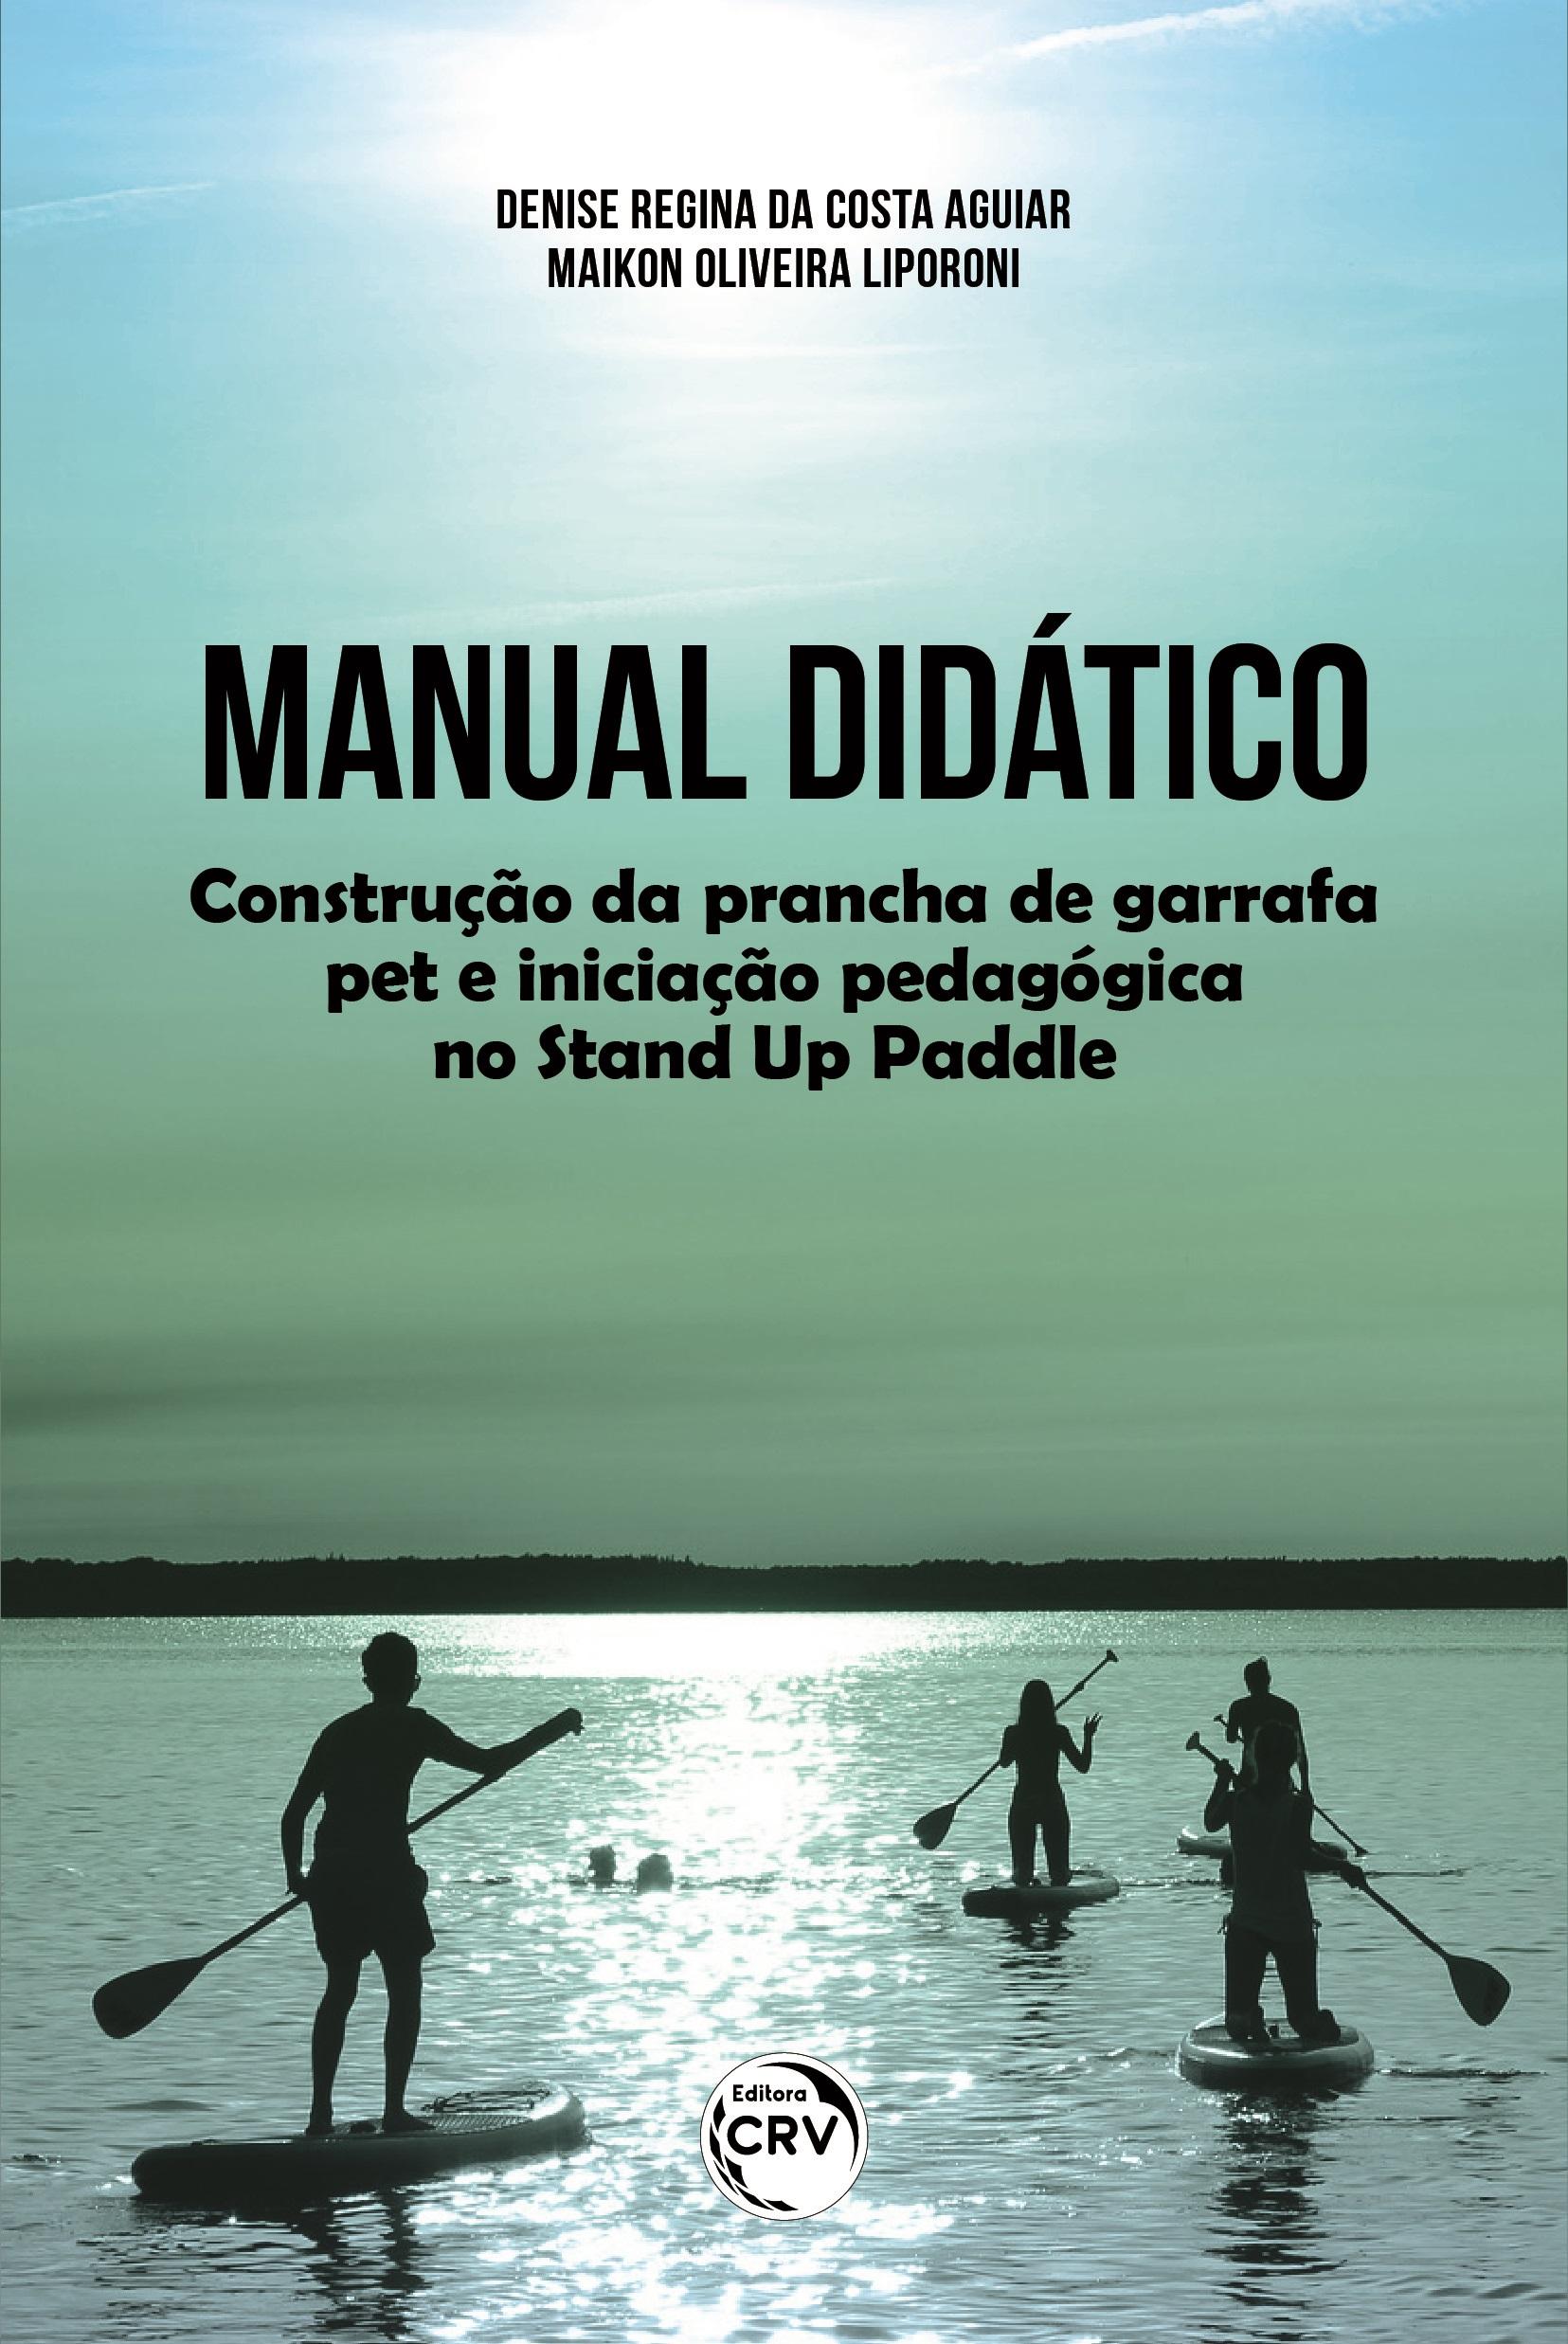 Capa do livro: MANUAL DIDÁTICO:<br> Construção da prancha de garrafa pet e iniciação pedagógica no Stand Up Paddle